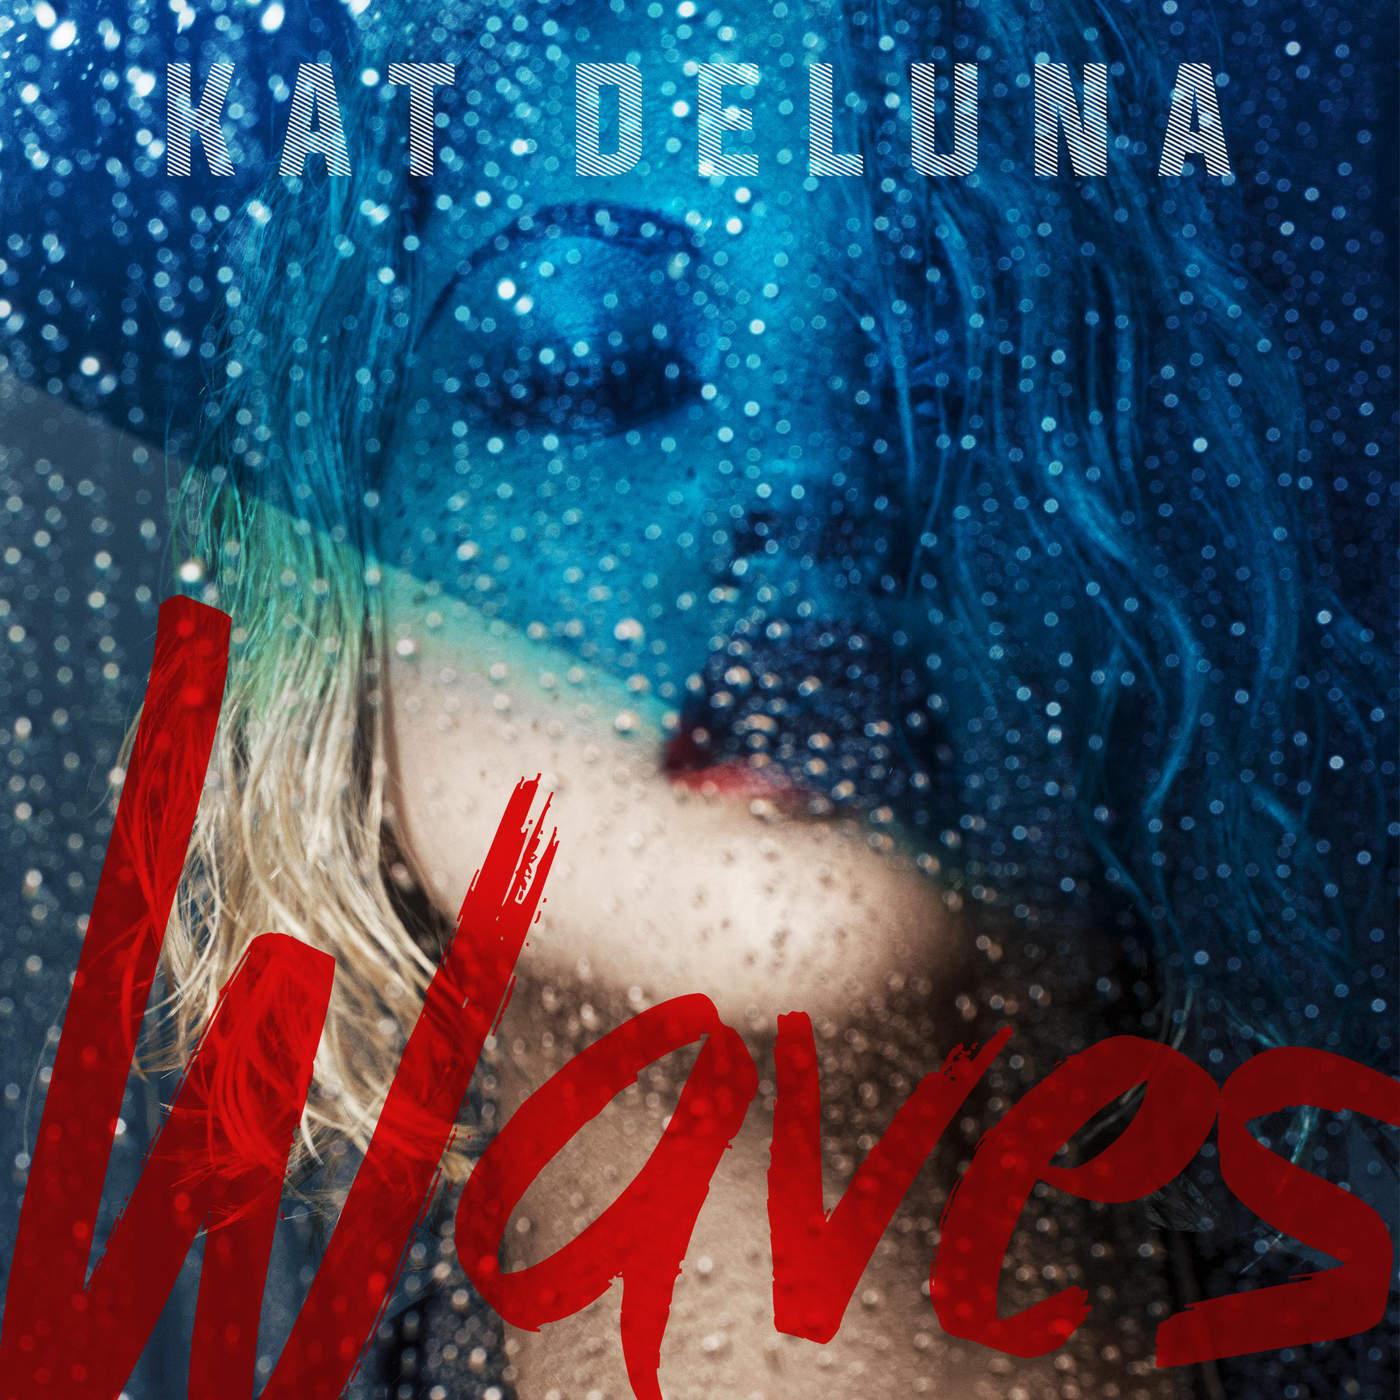 Kat DeLuna - Waves - Single Cover